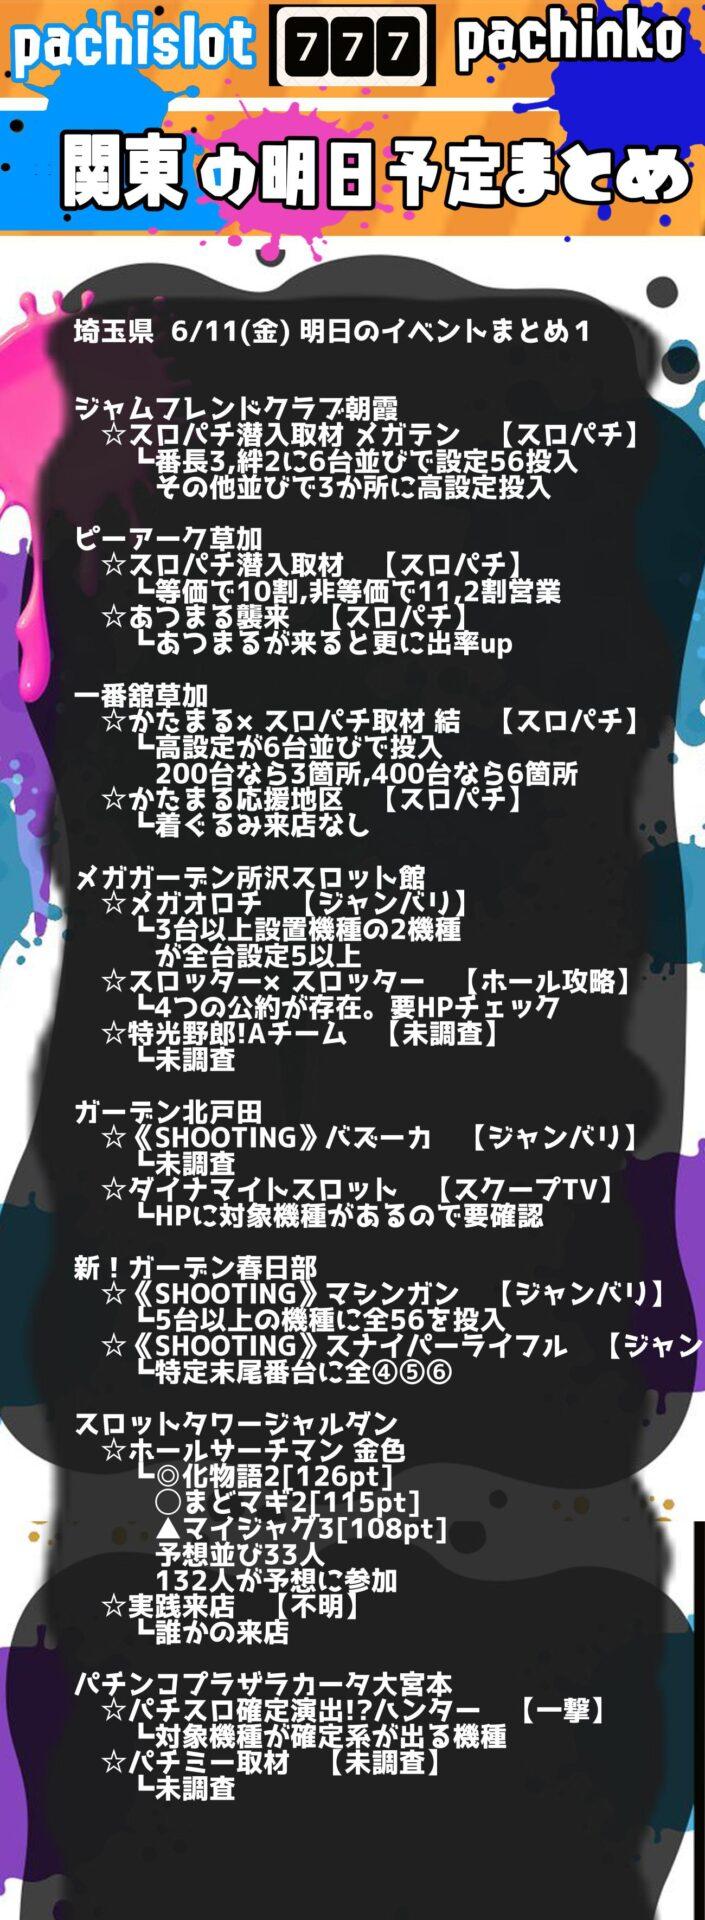 埼玉県_2021-06-11_パチンコ・パチスロ_イベント